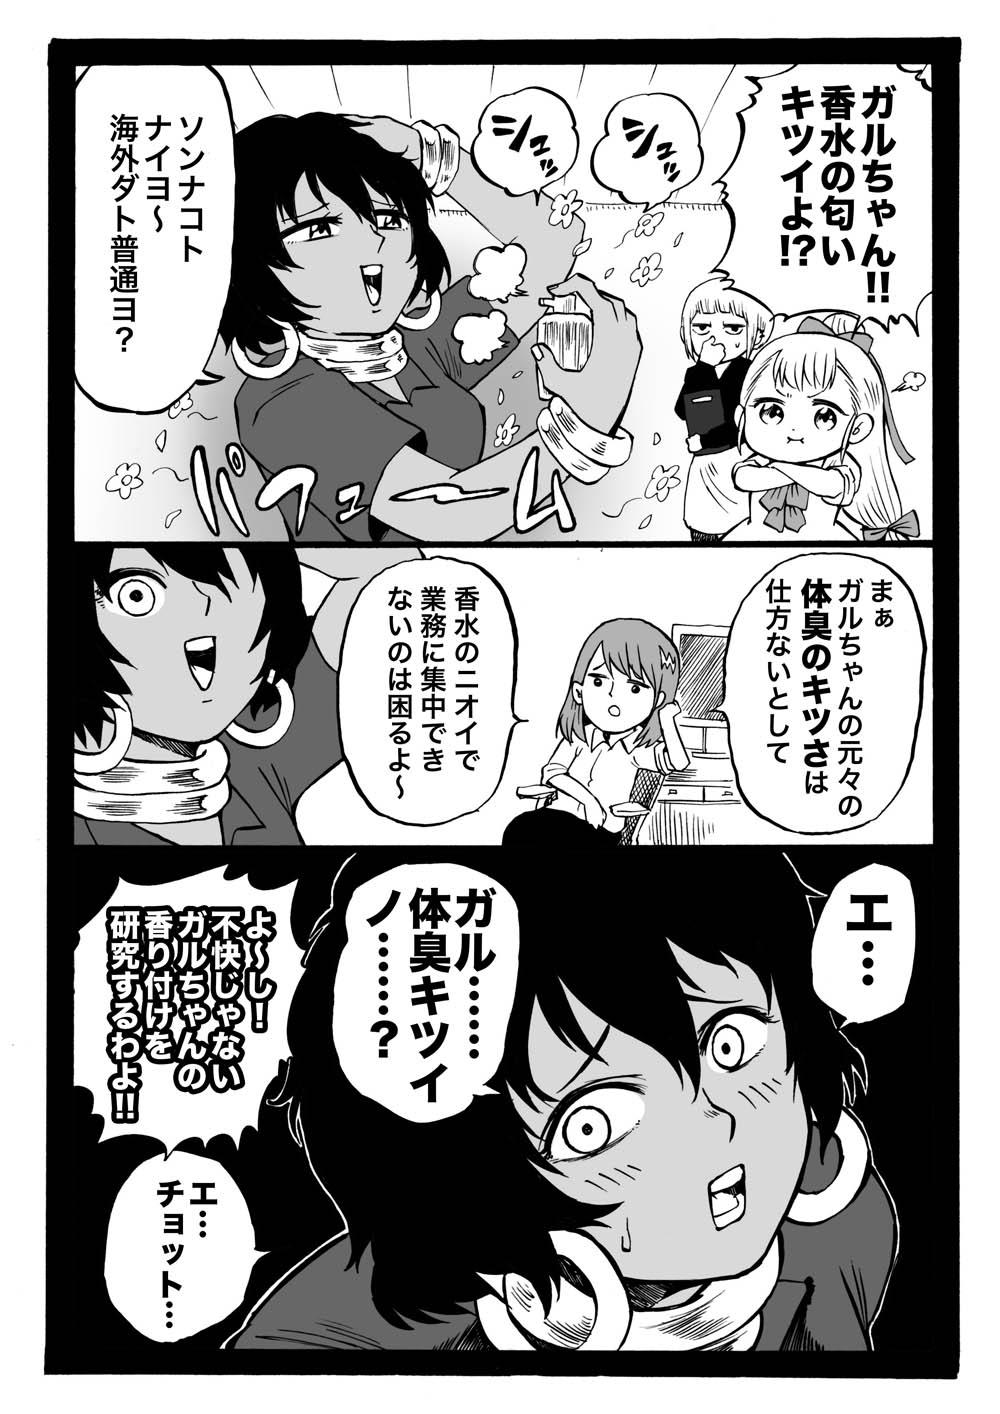 幼女社長(すめはら(単行本収録))